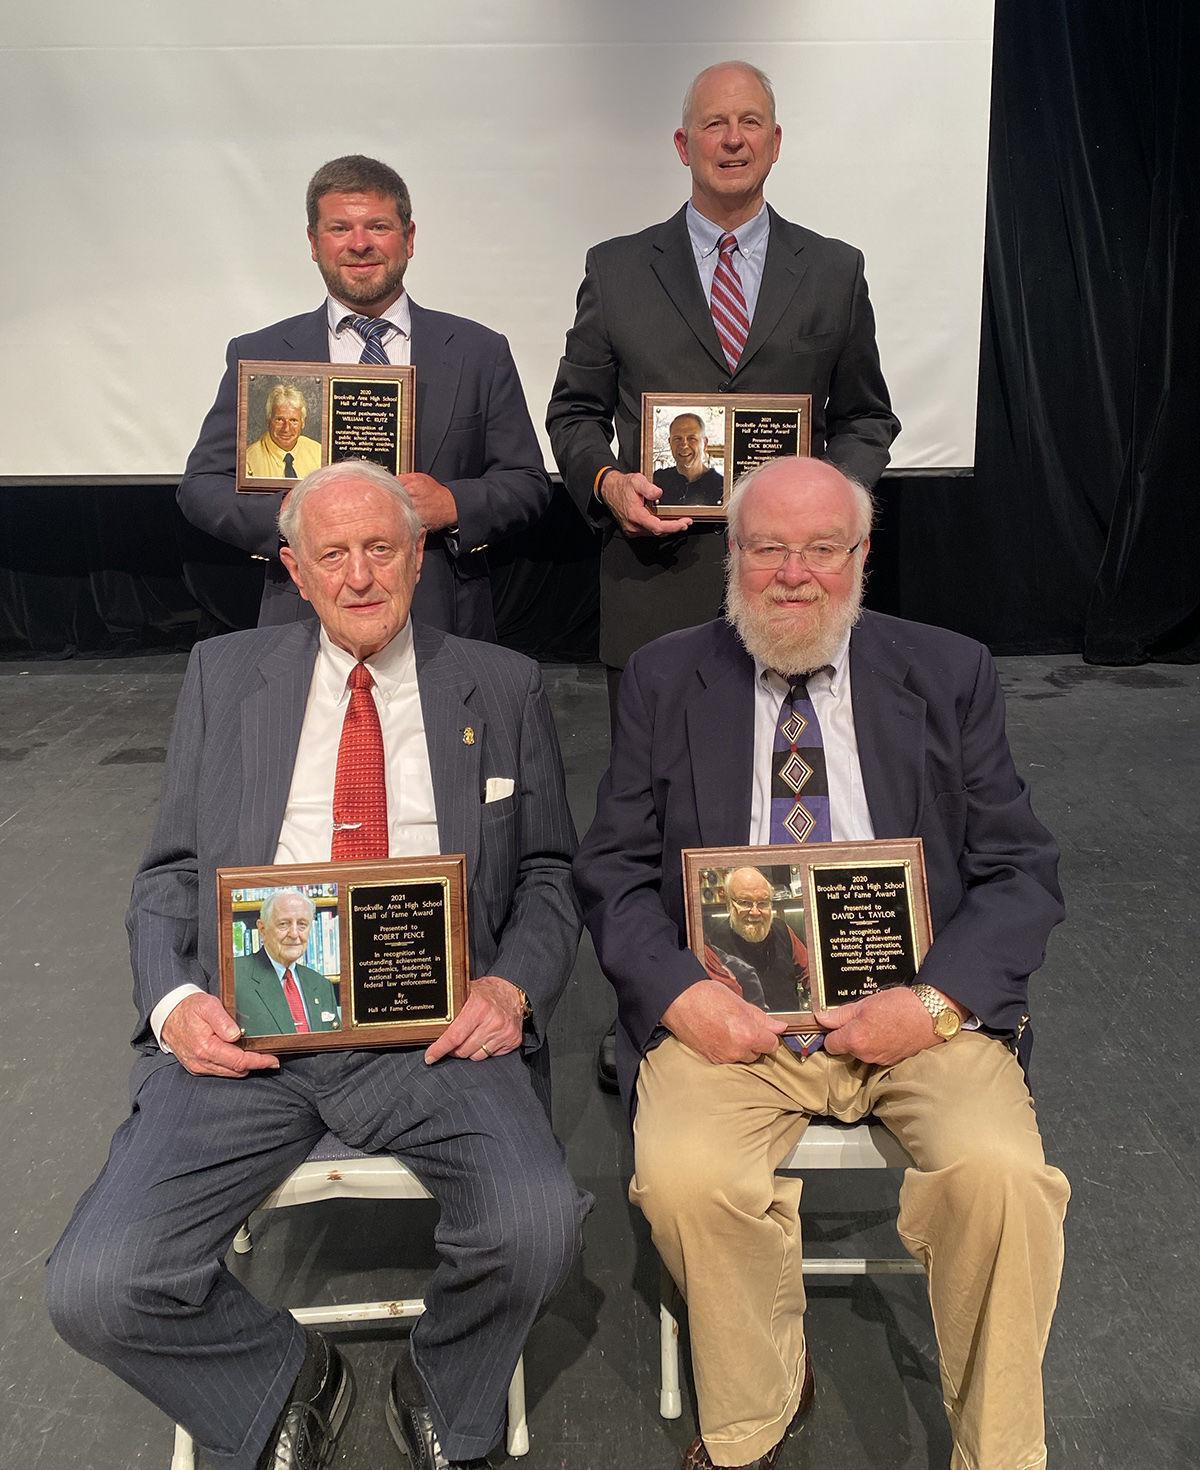 Hall of Fame group